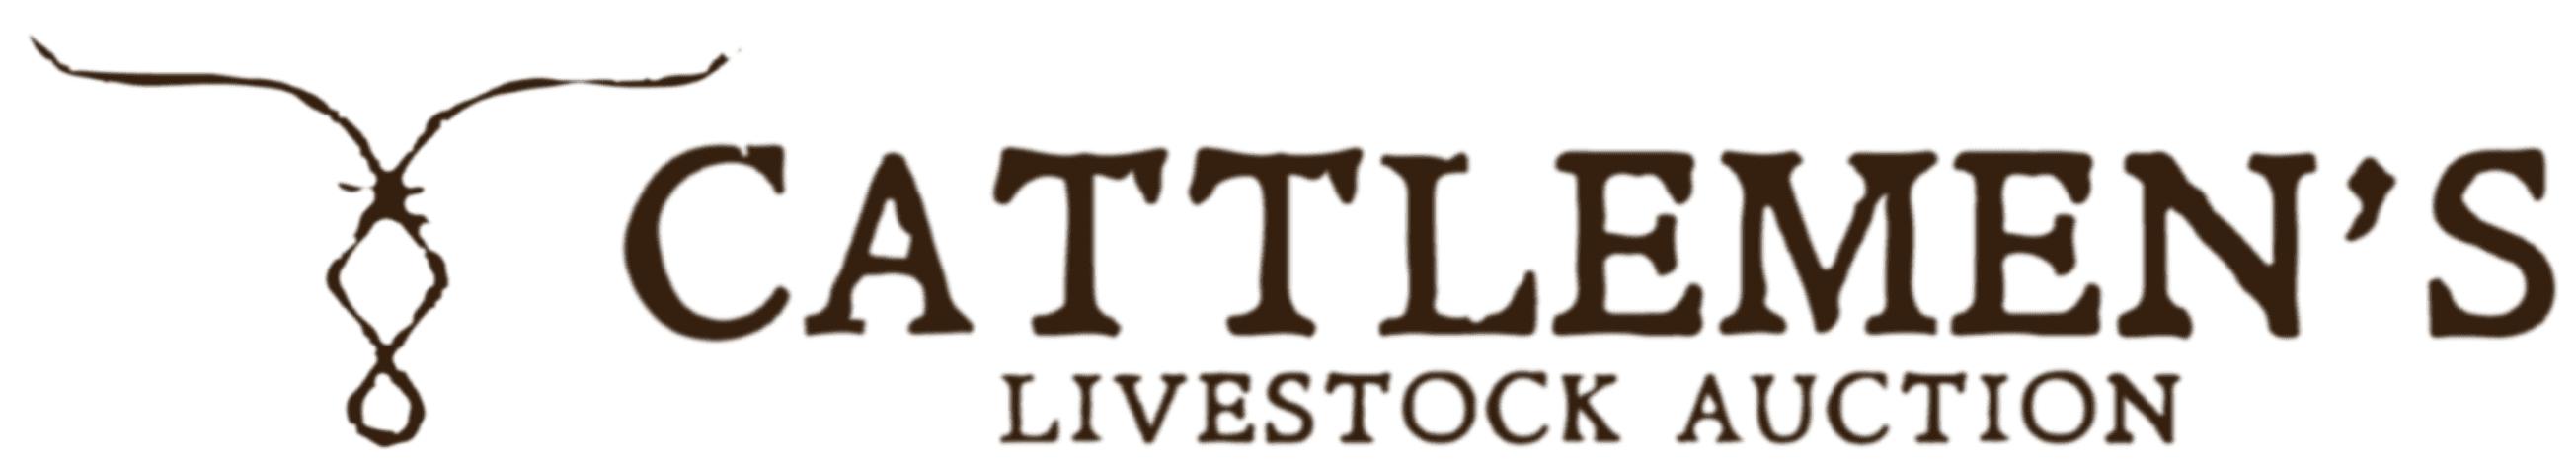 Cattlemen's Livestock Auction Horizontal Logo